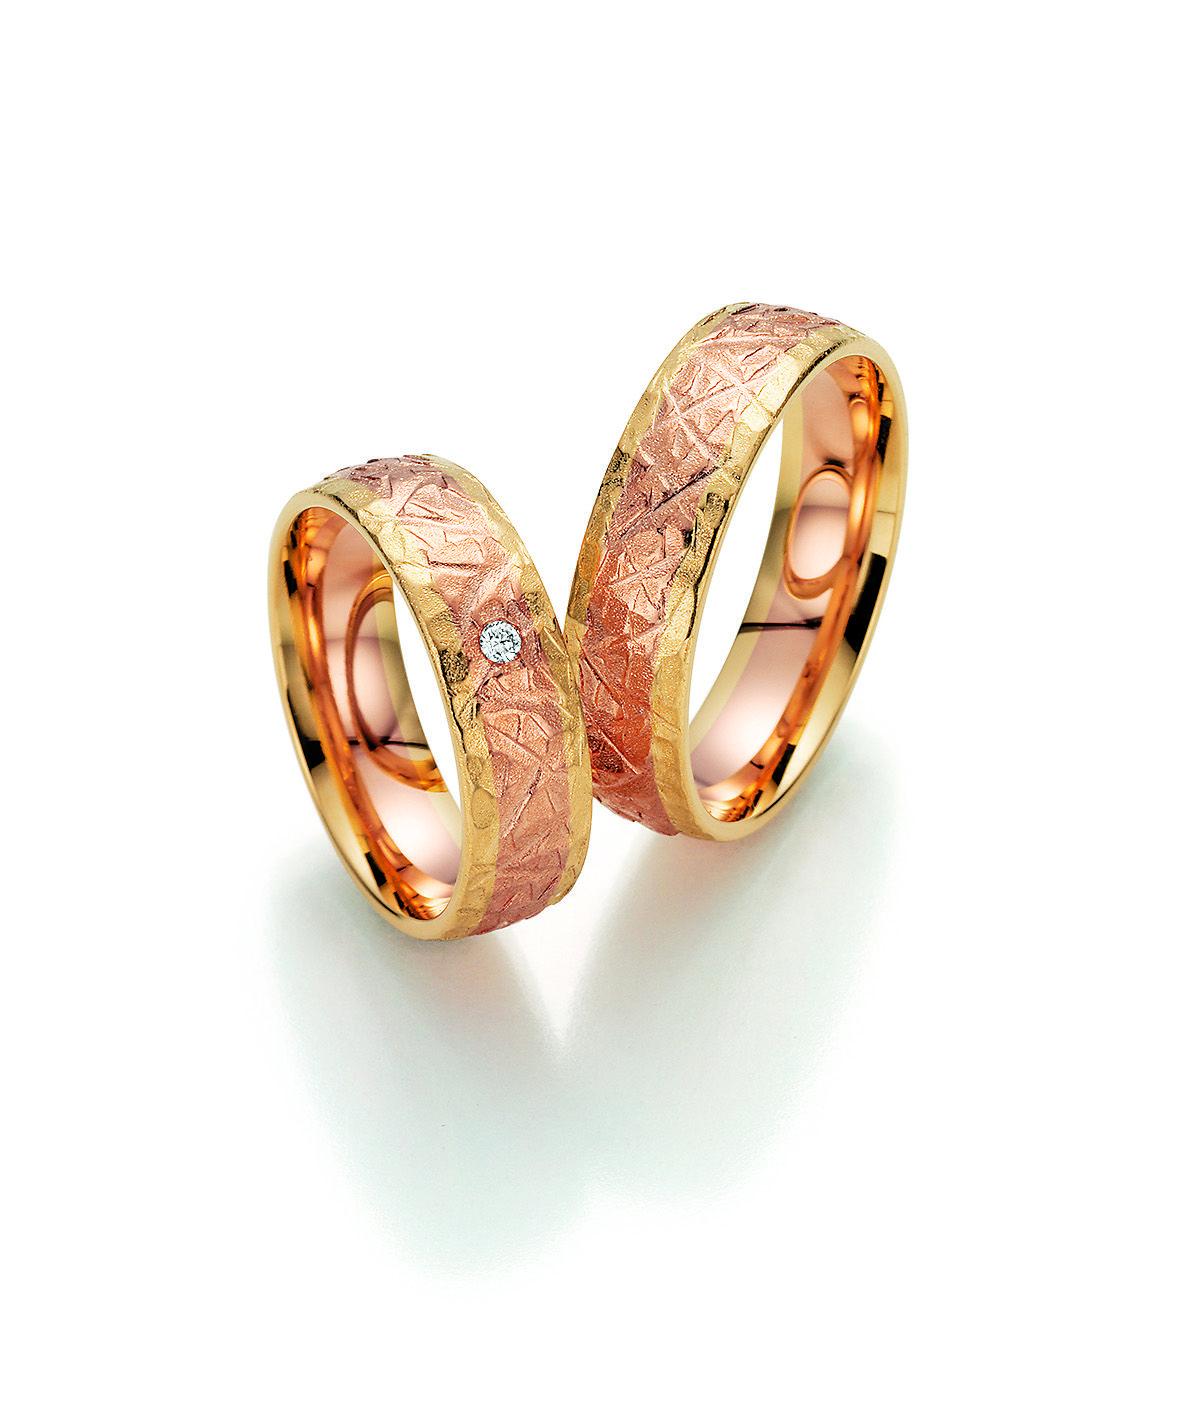 Trauringe hochzeit rotgold  Zweifarbige Trauringe von Fischer # Trauringe #Eheringe #wedding ...